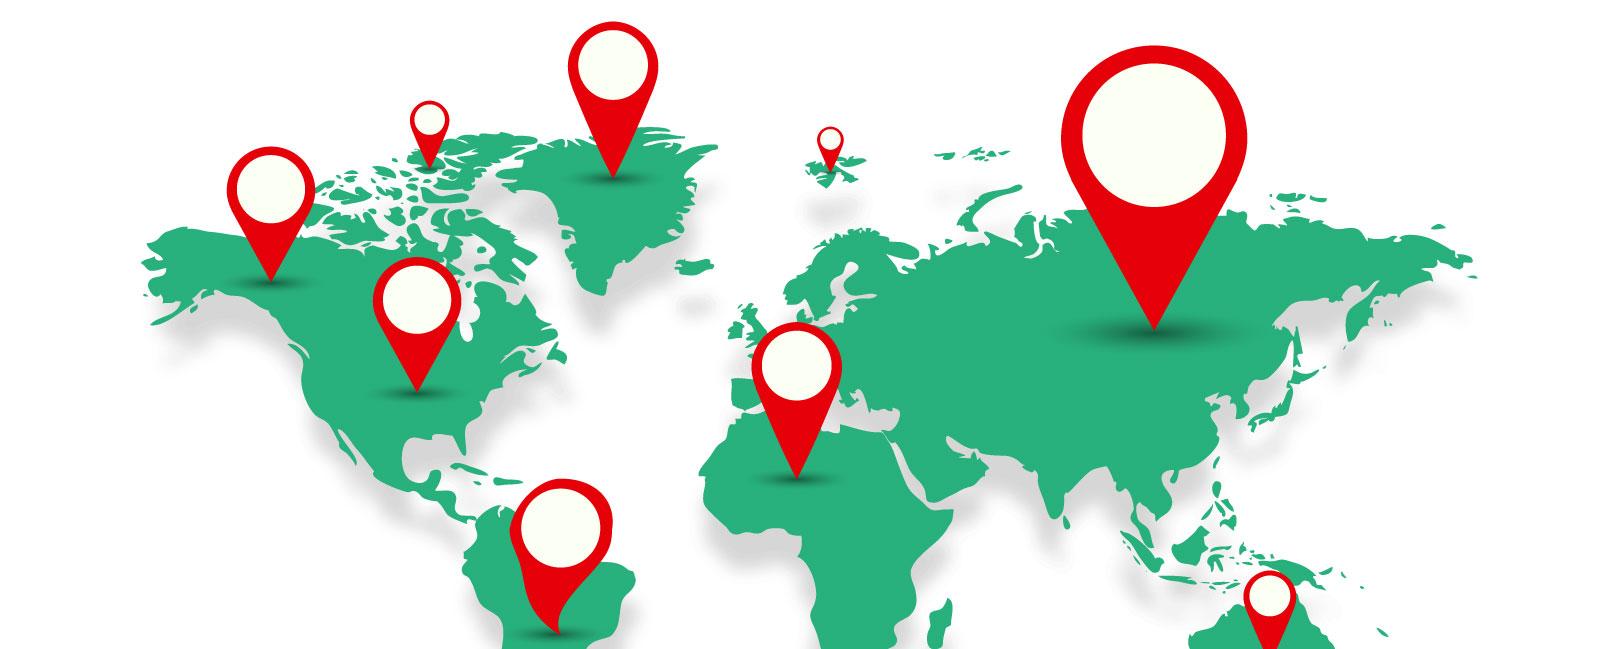 Servizi location based : cresce il valore della geolocalizzazione